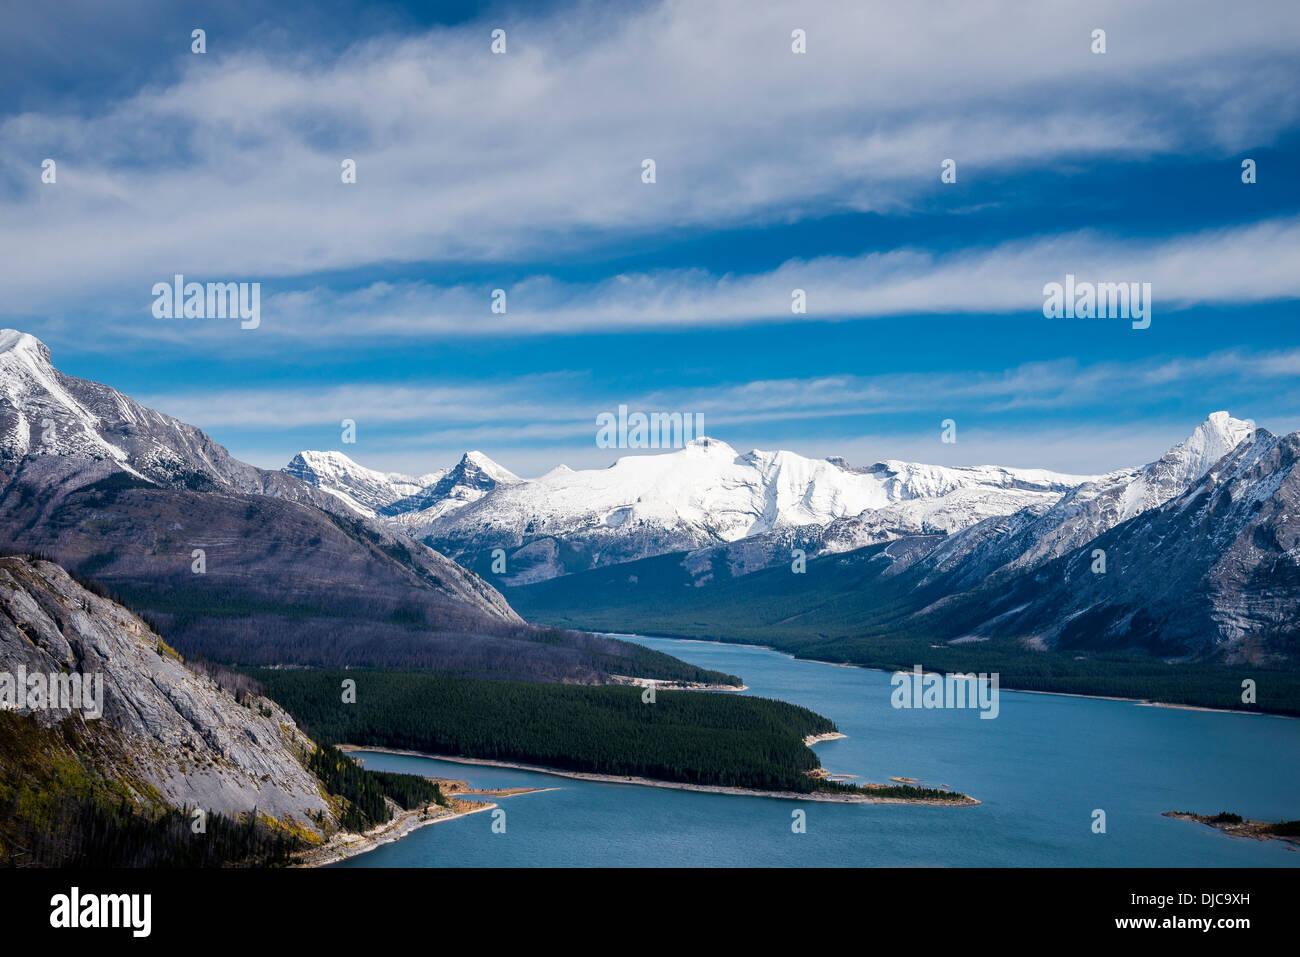 Luftaufnahme, Spray Seen, Kananaskis, Alberta, Kanada Stockbild